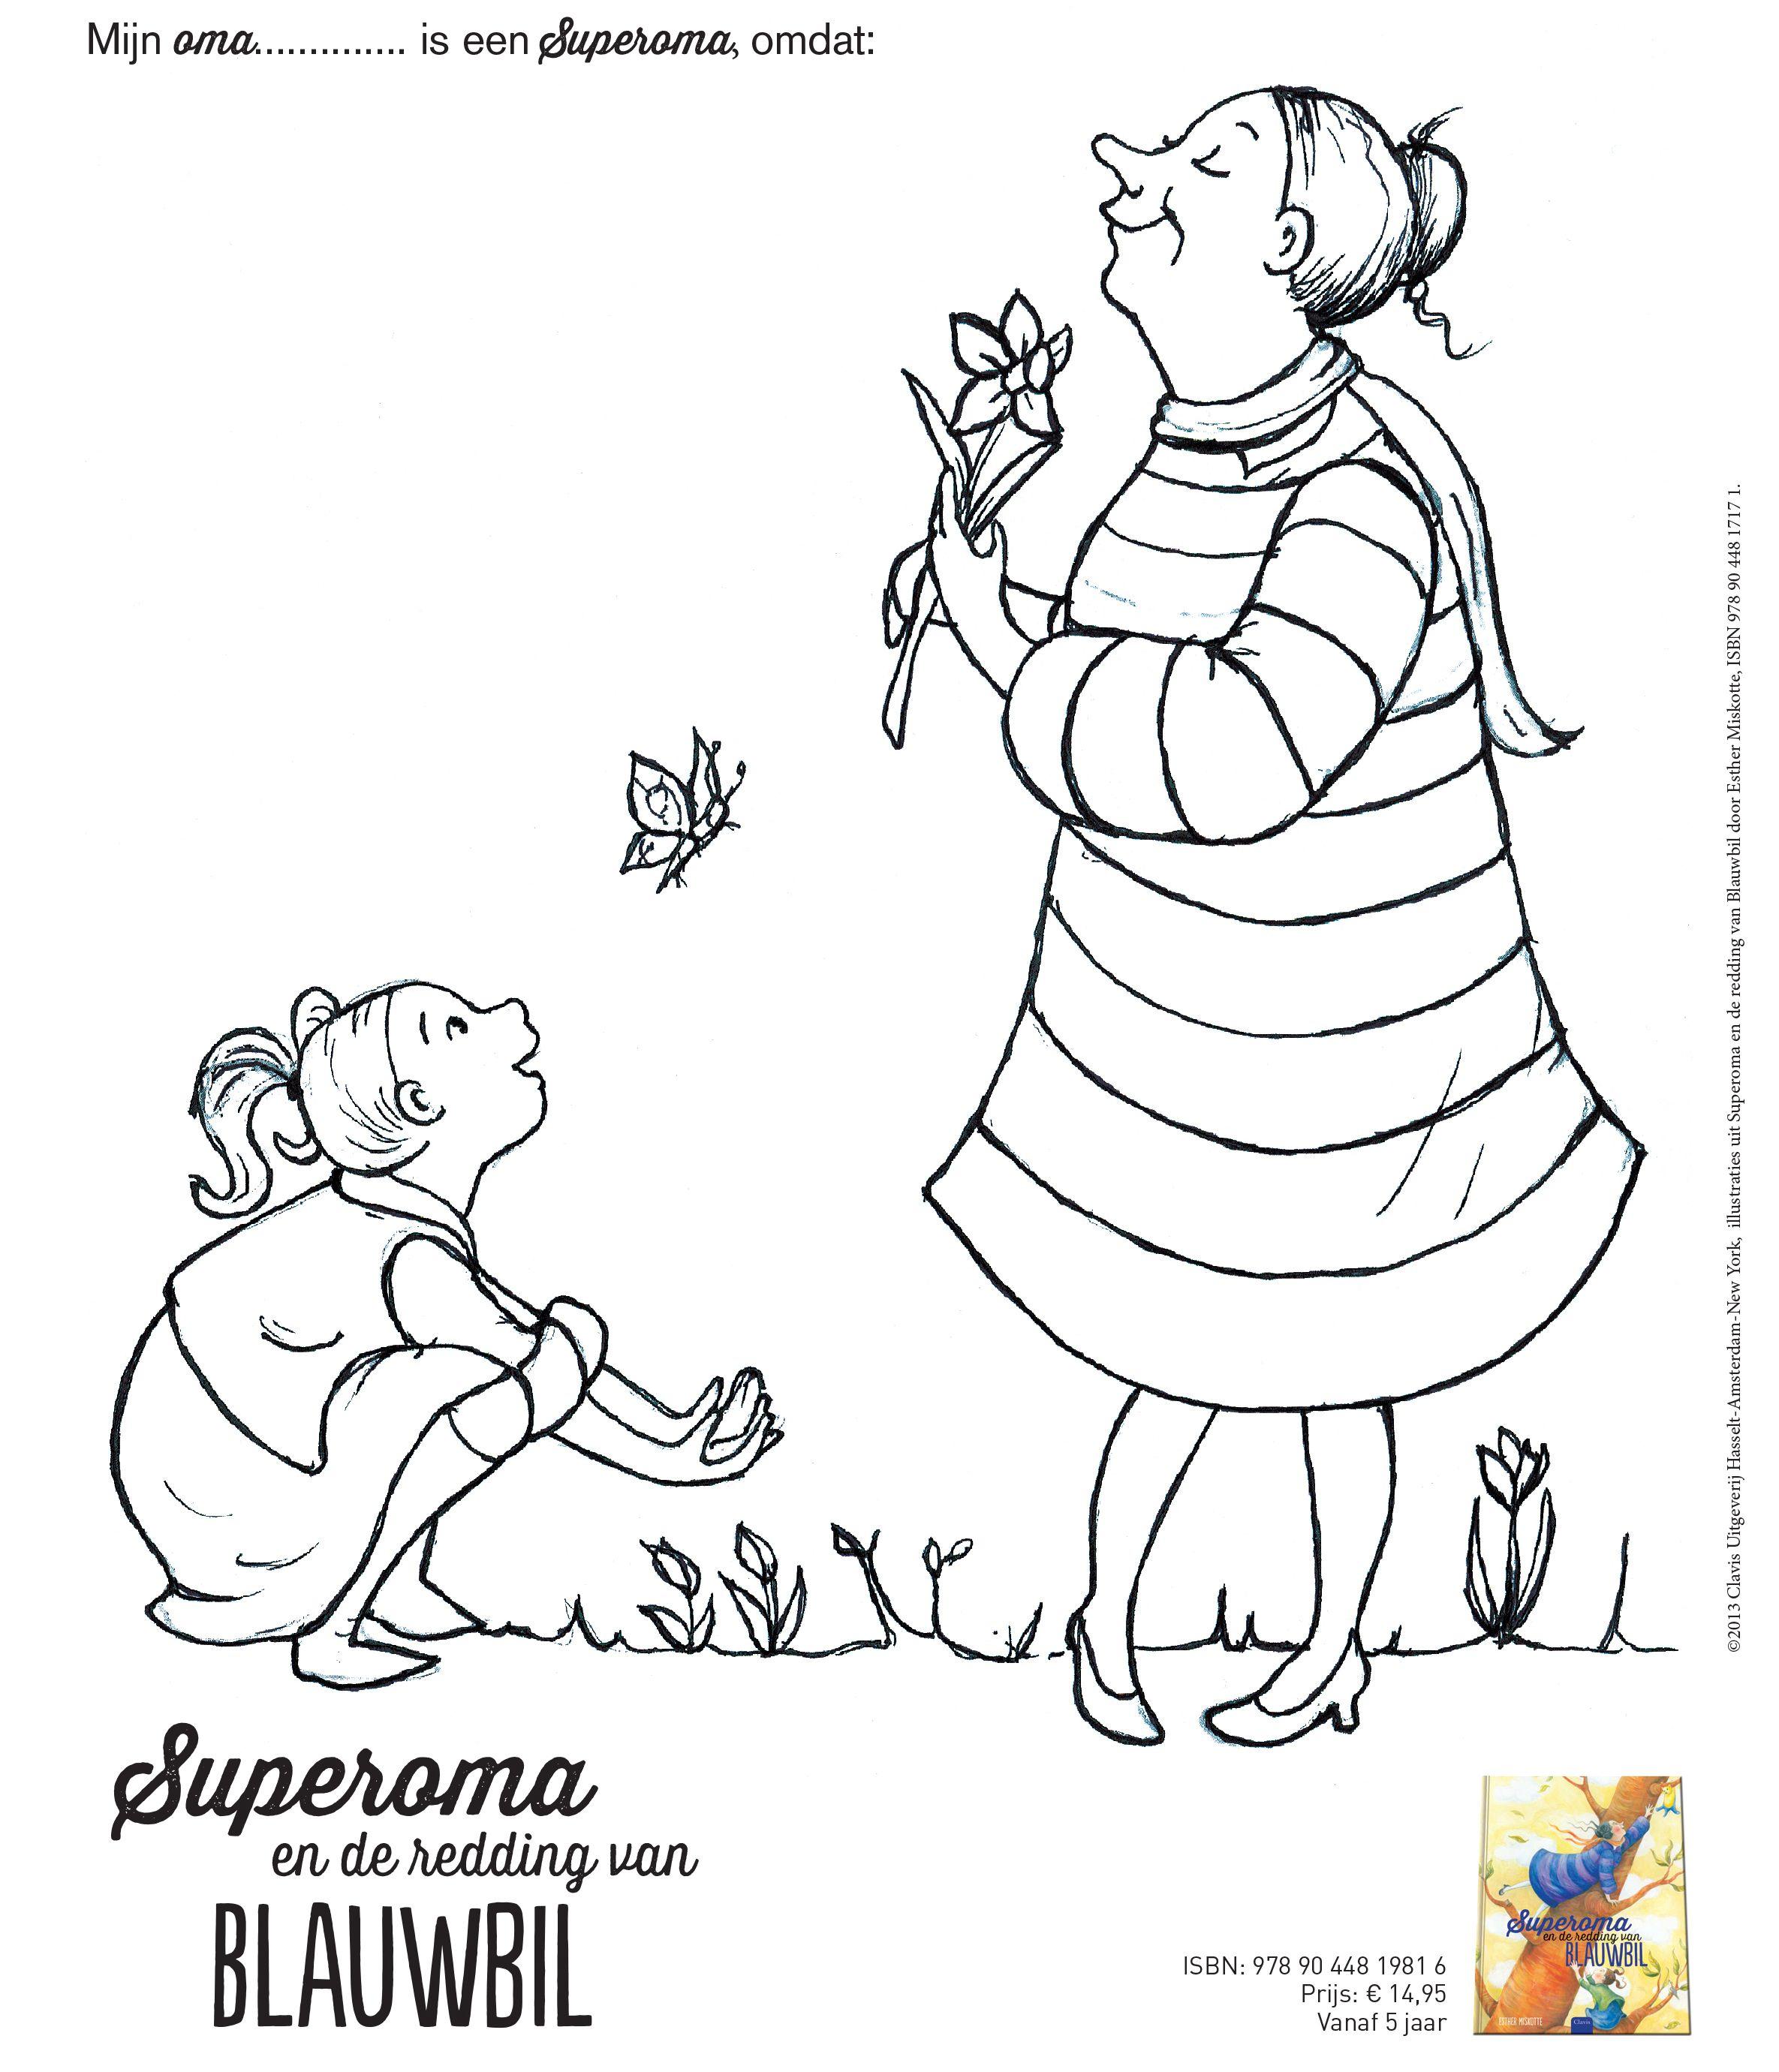 Mevrouw Nopjes Komt Oppassen Op Josje Dat Vindt Josje Heerlijk Ze Noemt Mevrouw Nopjes Superoma Omdat Ze Altijd Wel Iets Le Kleurplaten Blauw Prentenboeken